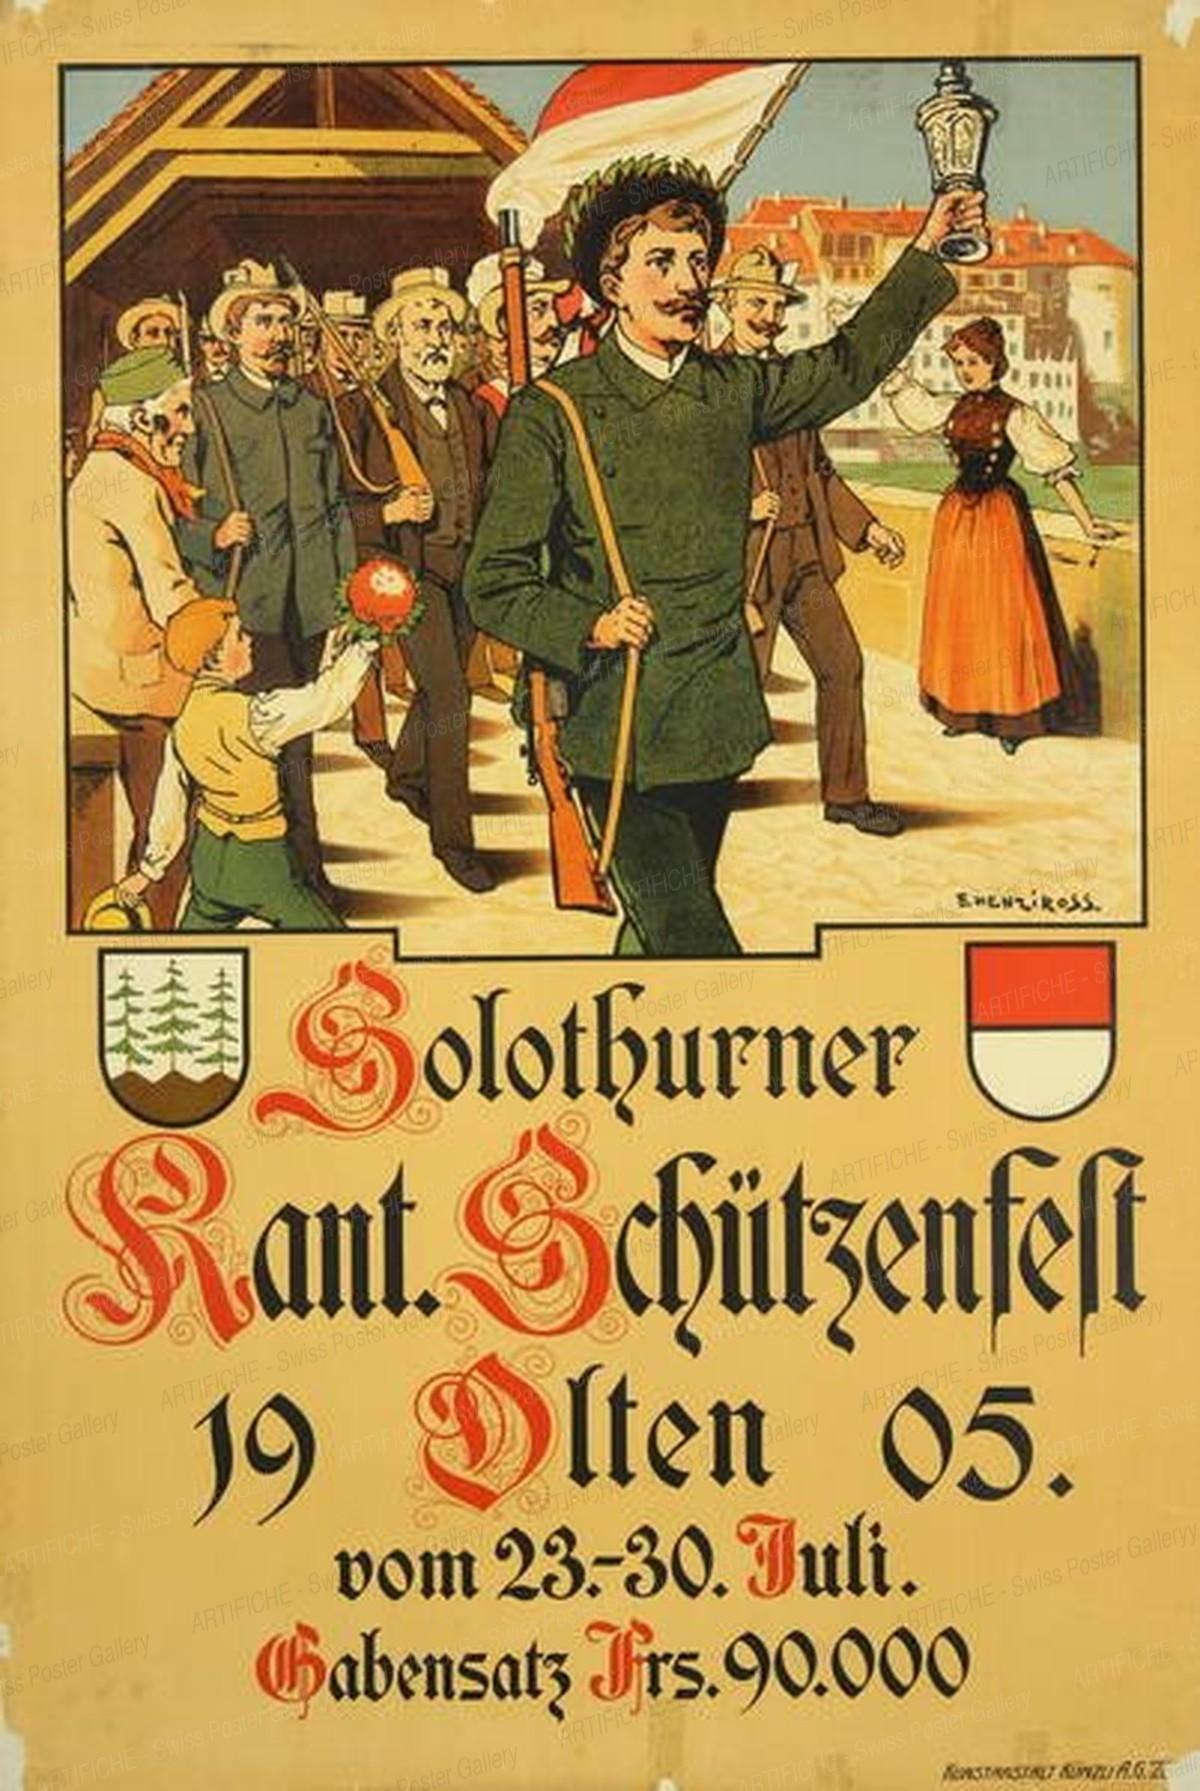 Solothurner Kant. Schützenfest Olten, Henziross E.